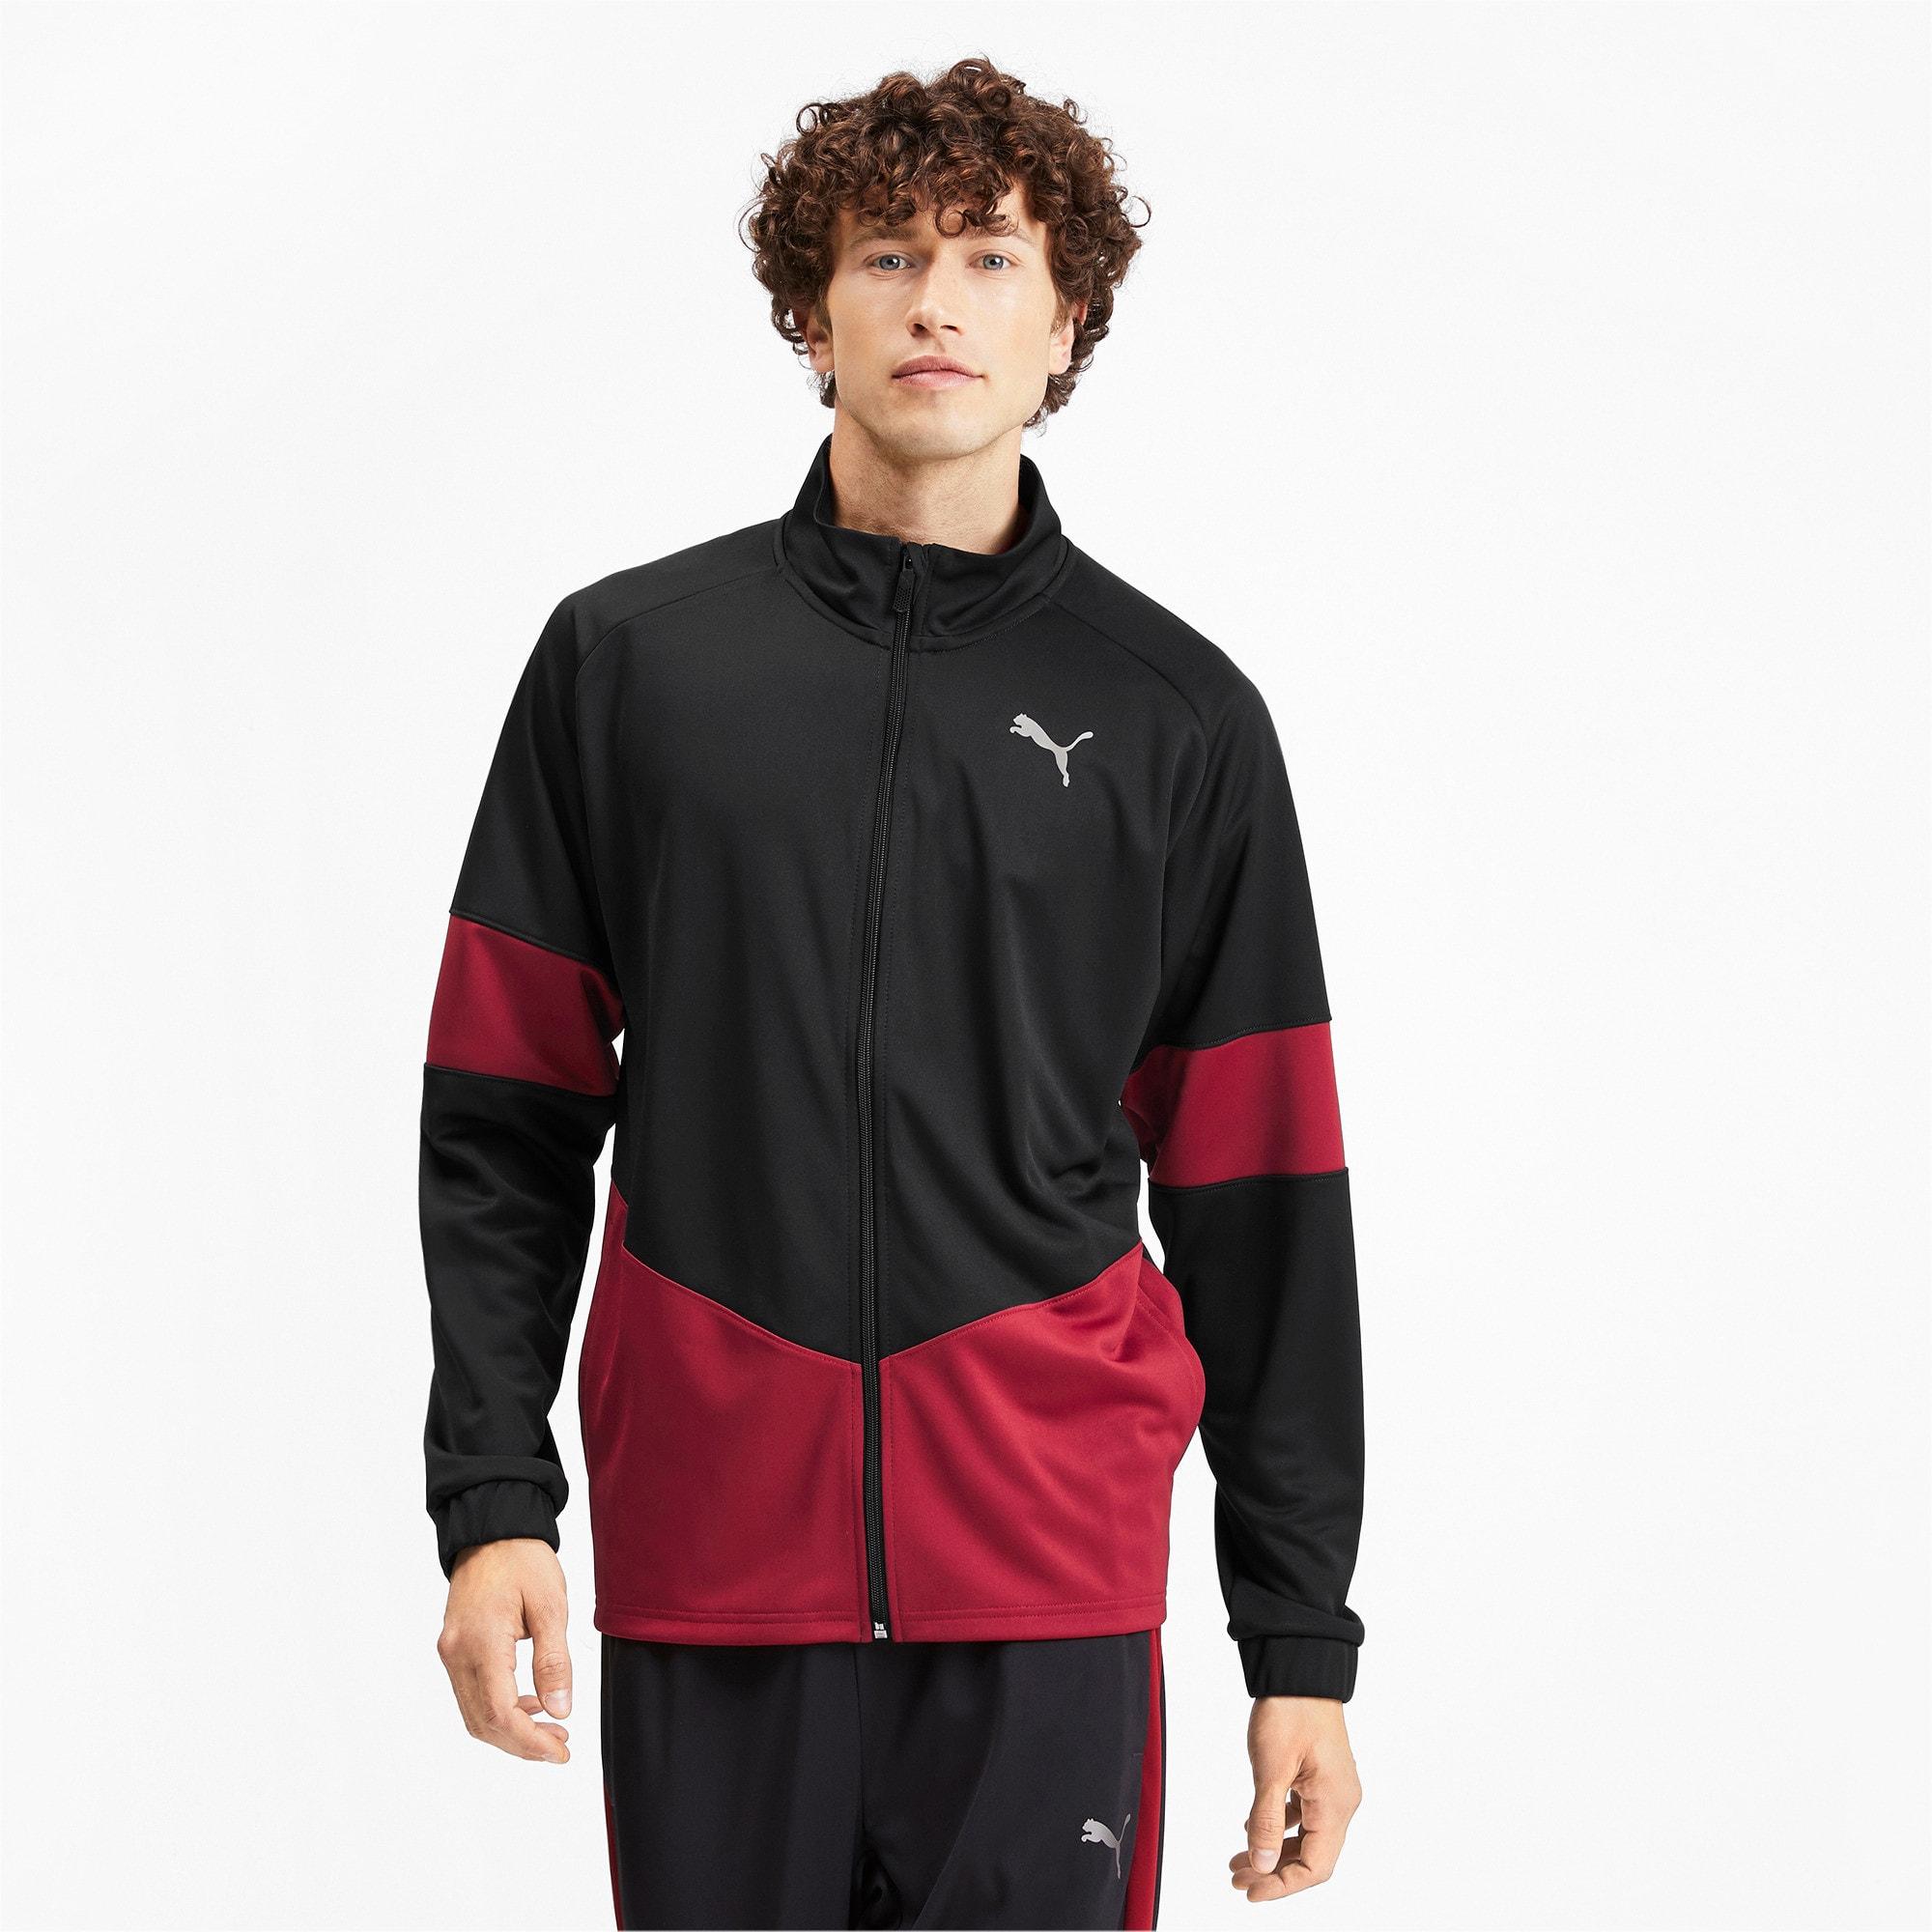 PUMA Blaster dryCELL Men's Jacket